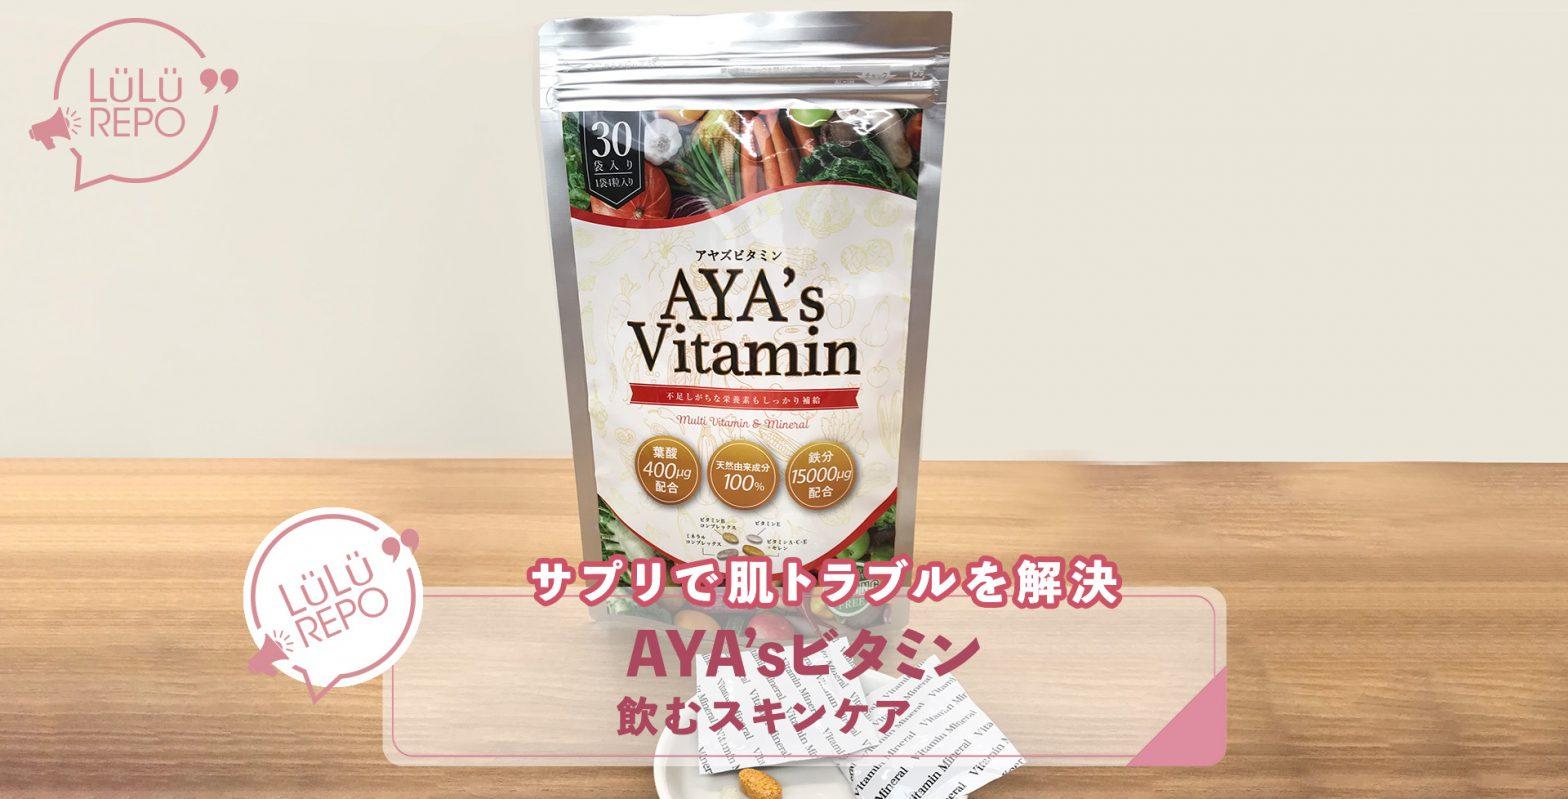 【ルルレポ公式】AYA'sビタミンの効果を管理栄養士に聞いてみた!口コミも徹底検証